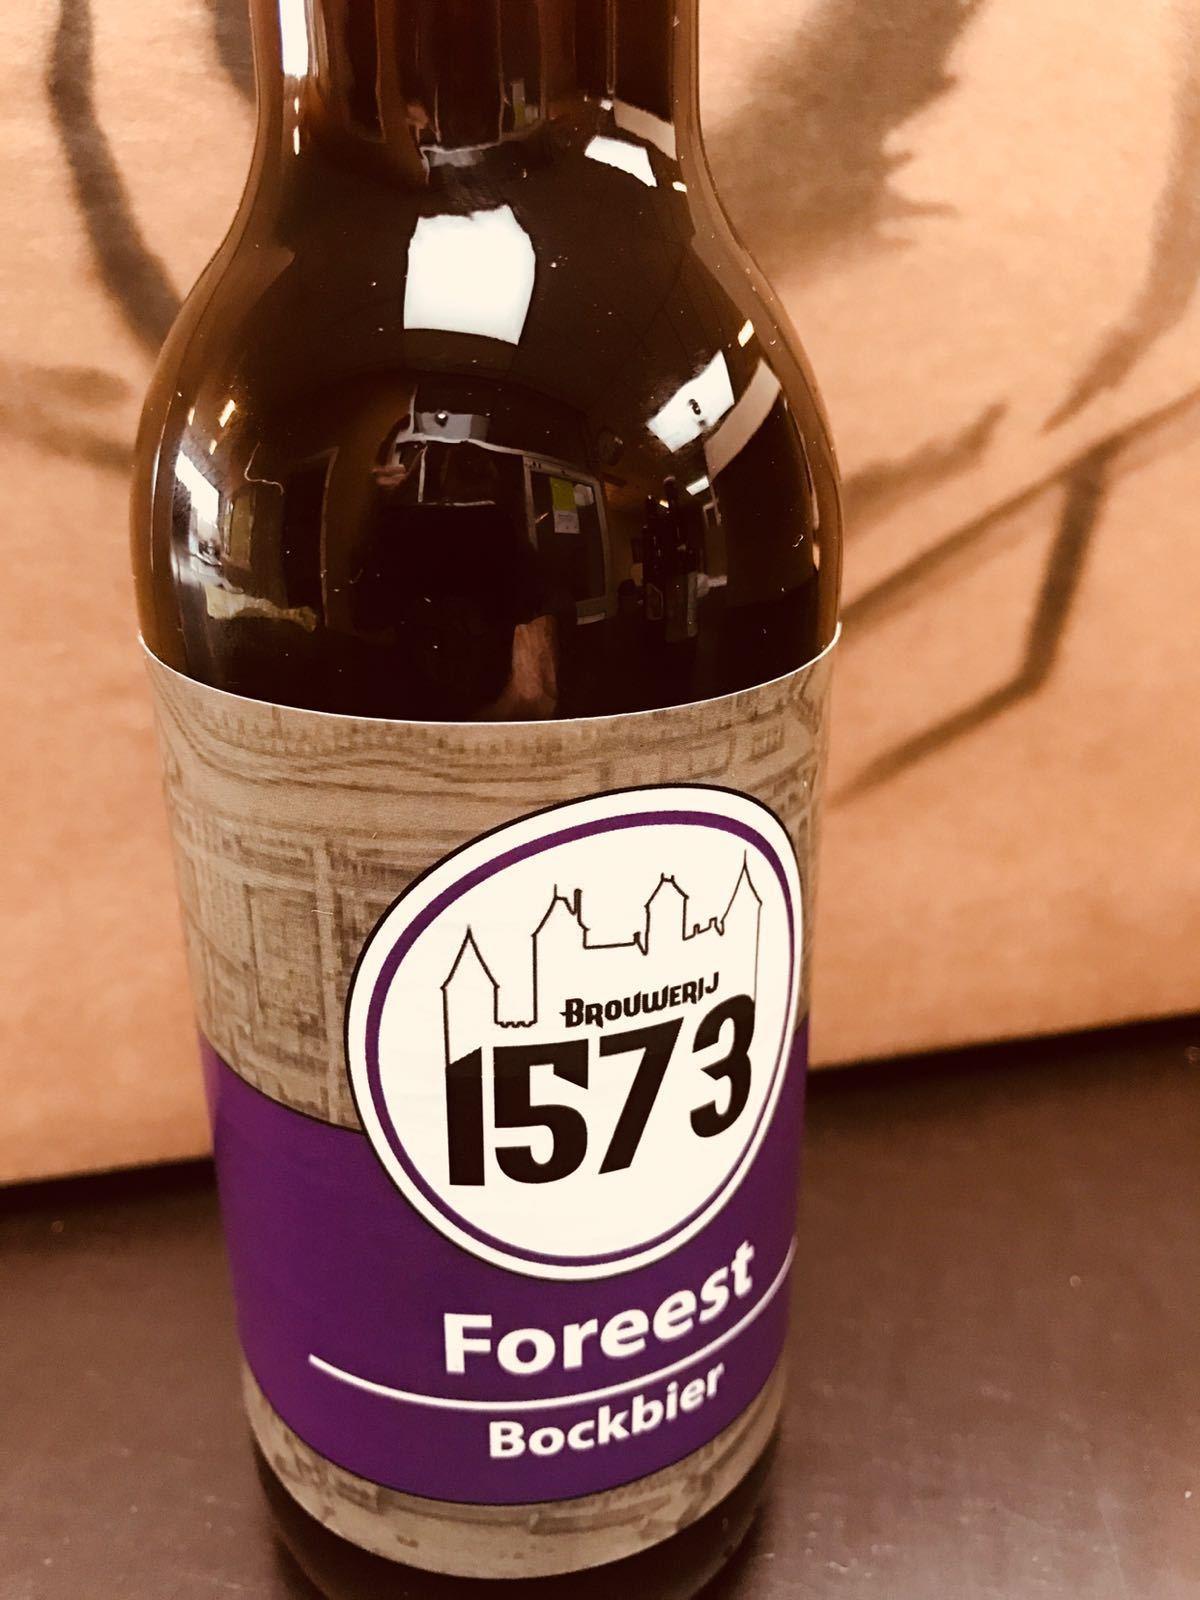 Foreest van Brouwerij 1573